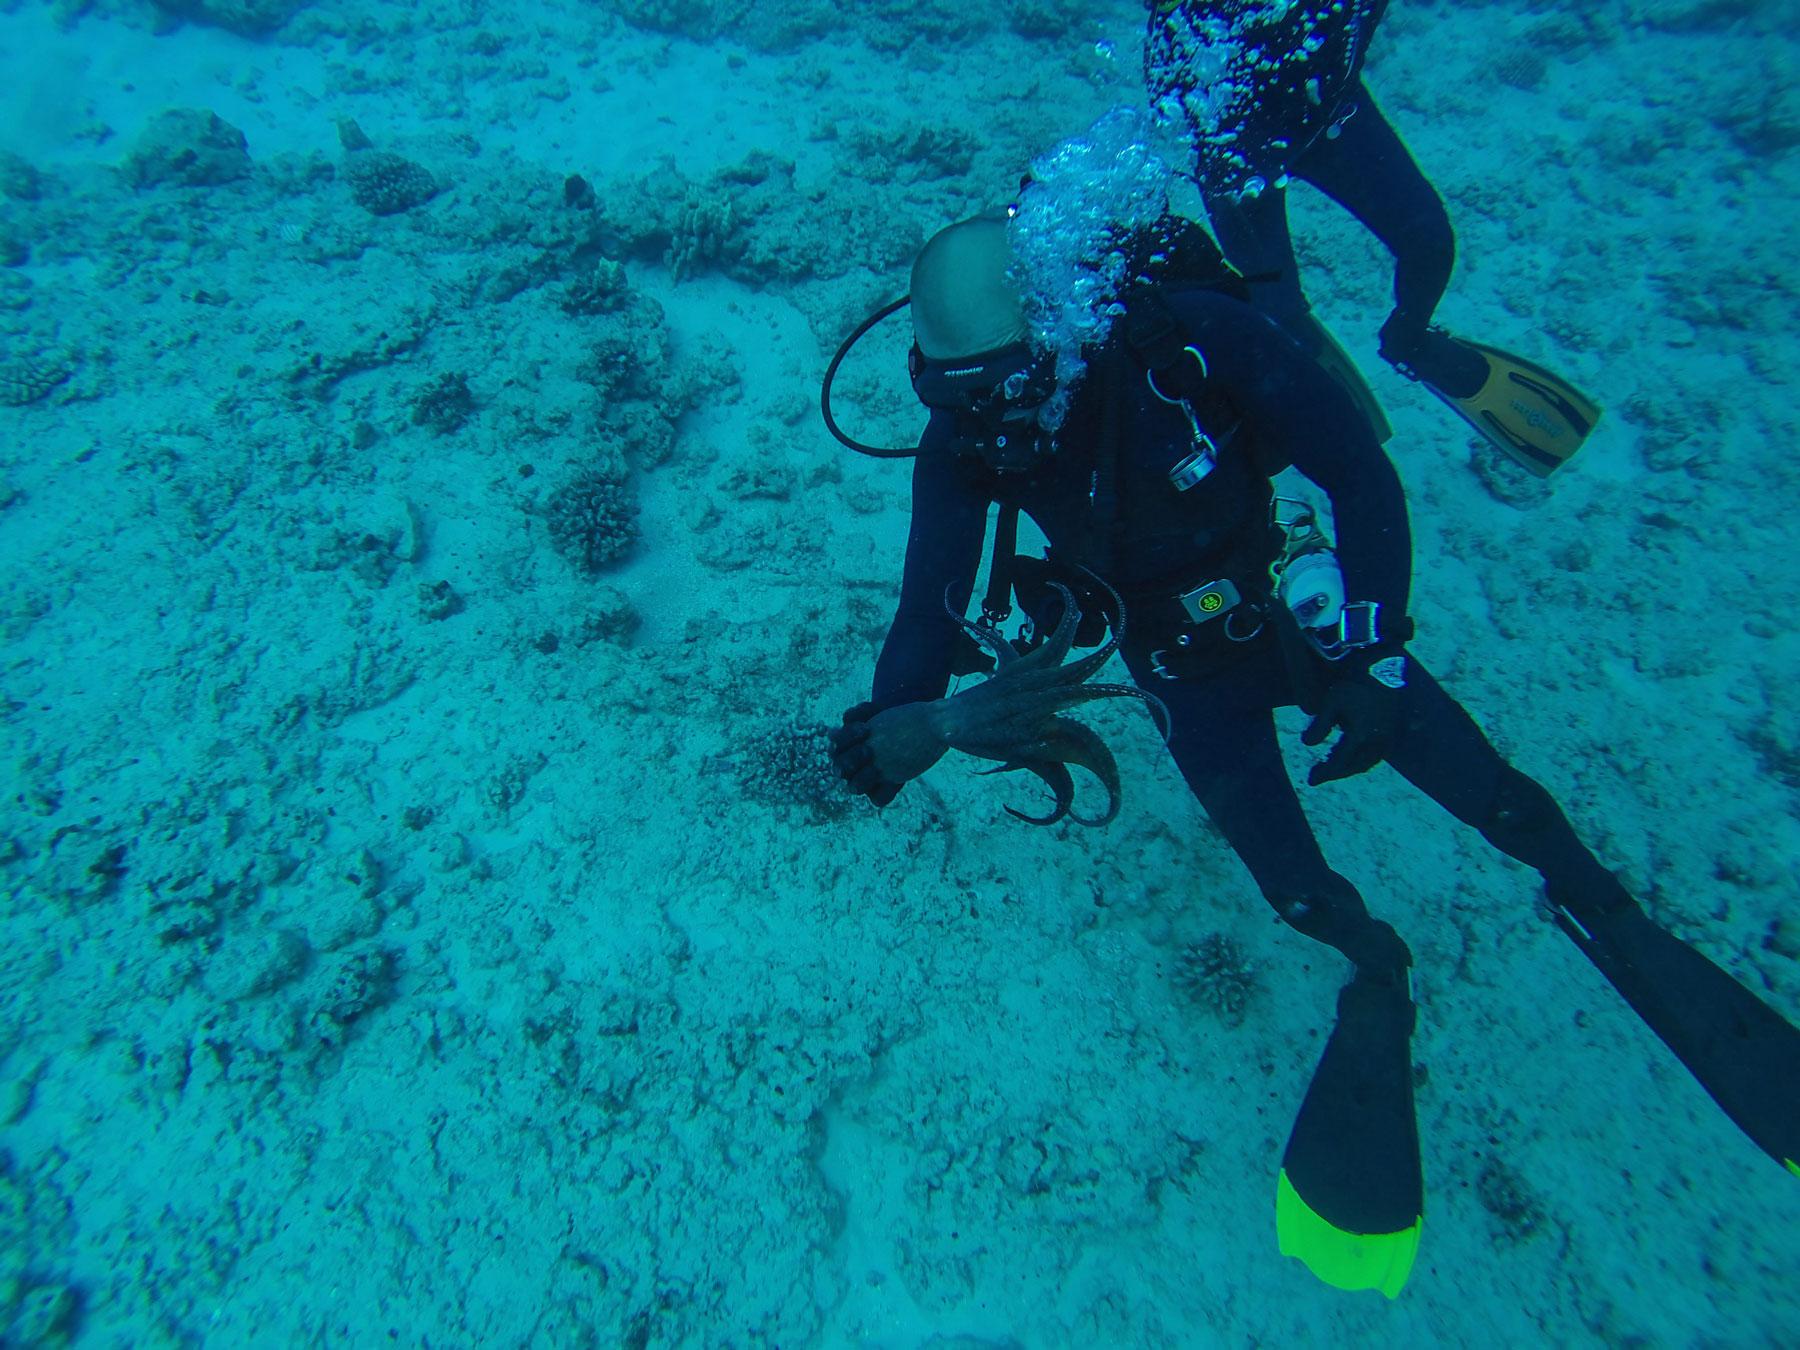 Nicholas Foster scuba diving